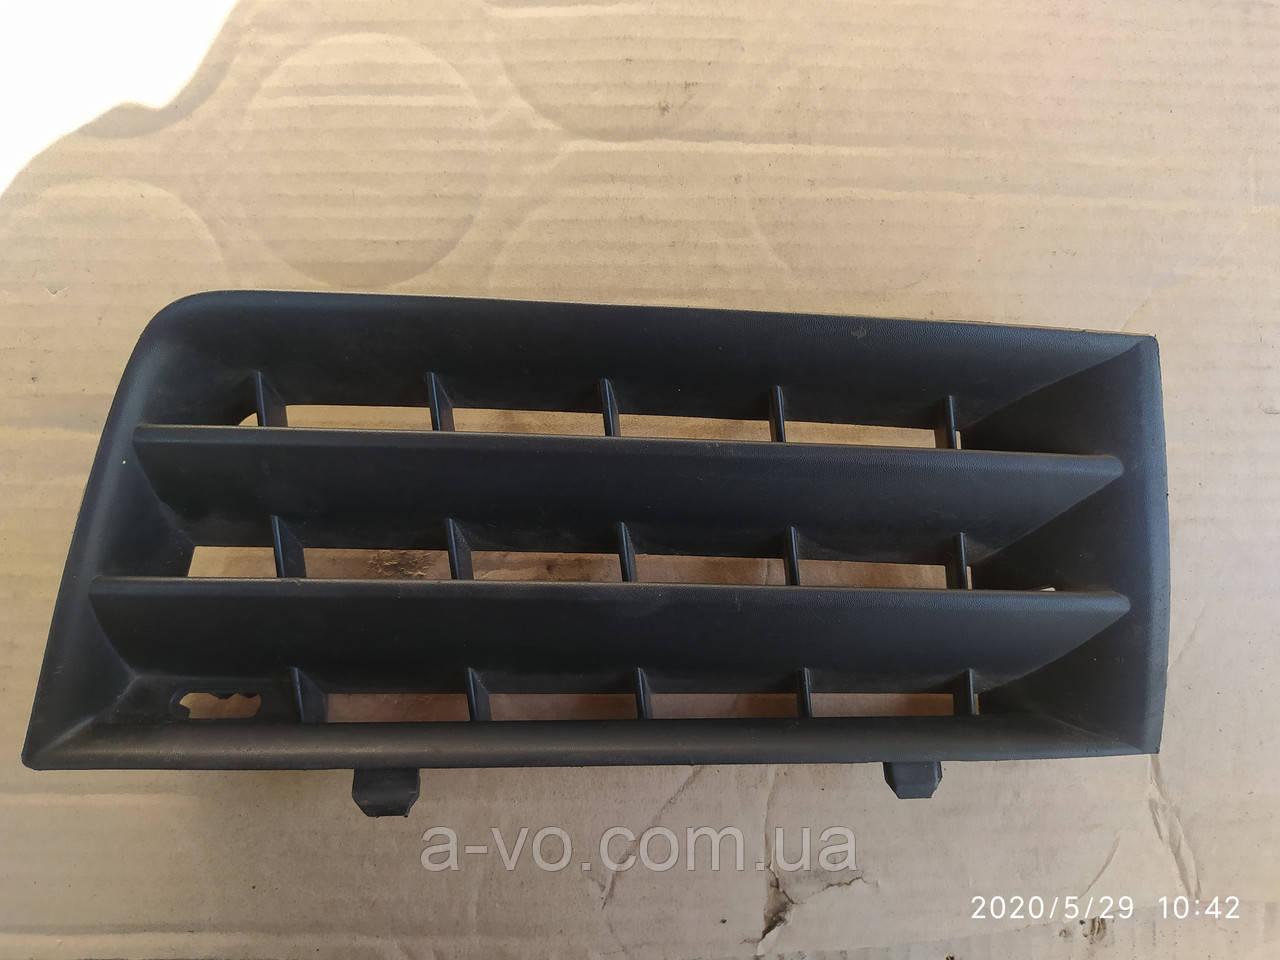 Решетка заглушка переднего бампера передняя правая Renault Megane 2 02-05р  8200114157